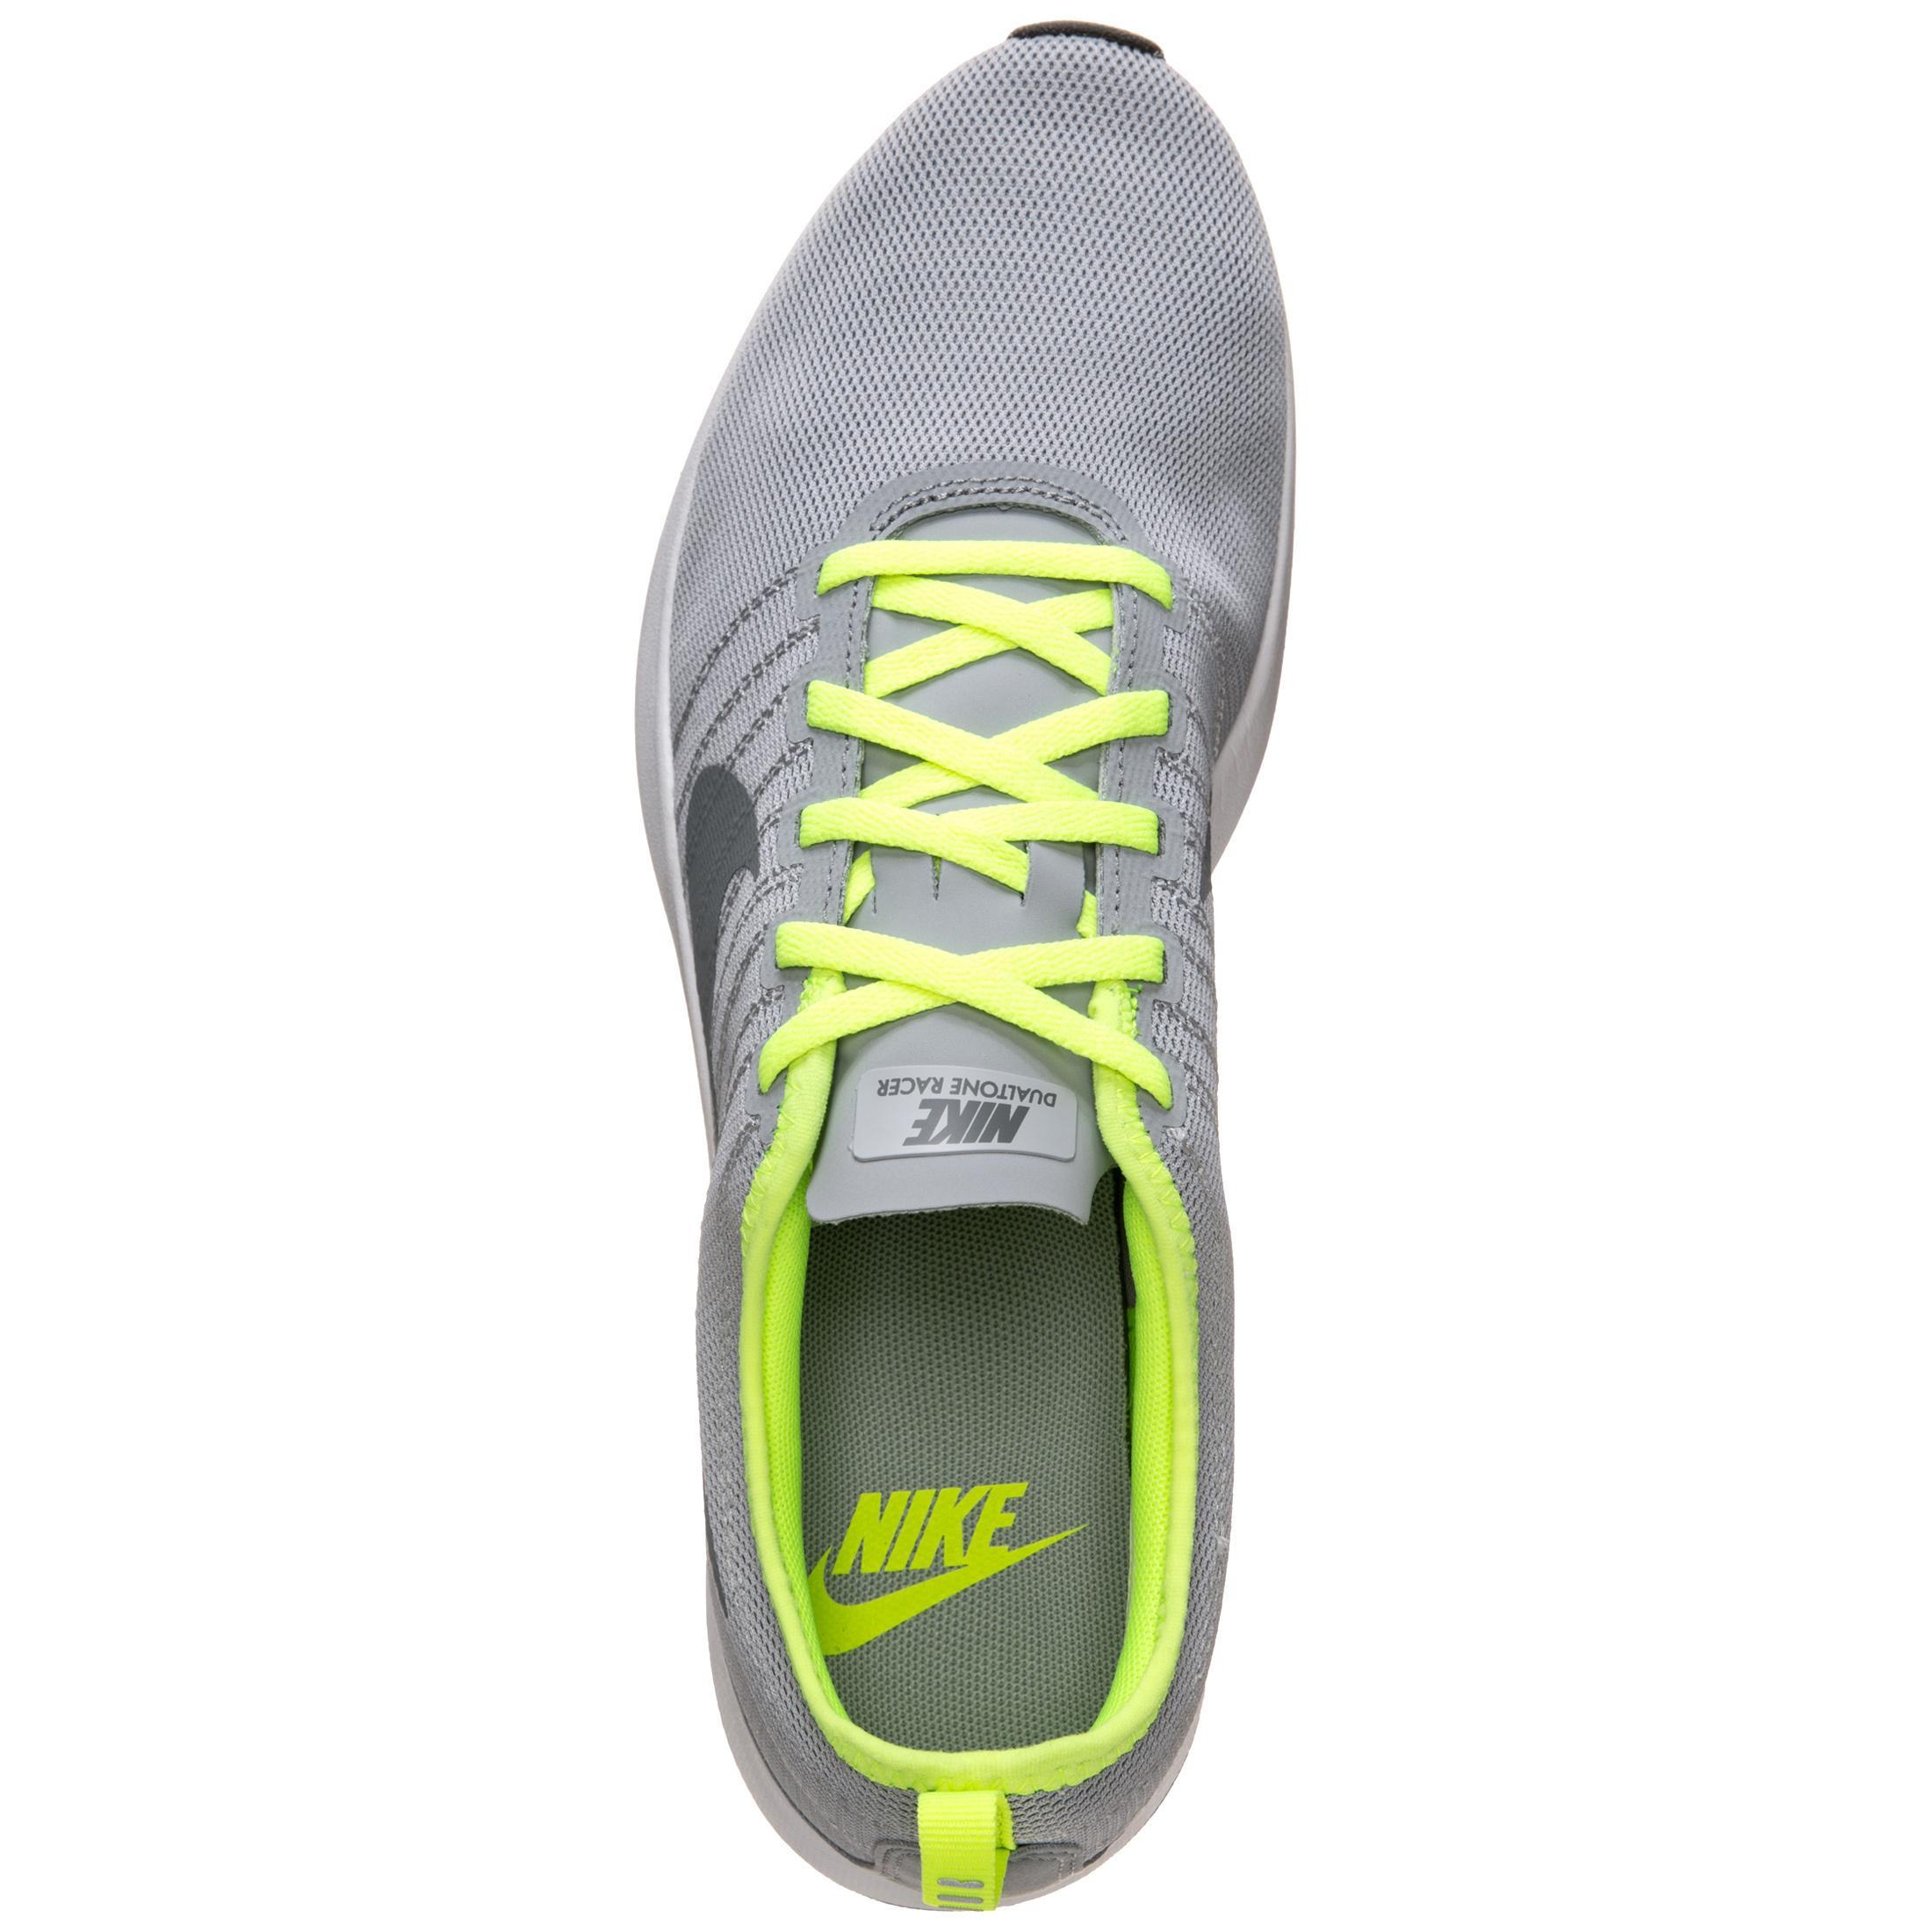 Nike Nike Nike Dualtone Racer Sneaker Herren grau / weiß / gelb im Online Shop von SportScheck kaufen Gute Qualität beliebte Schuhe 4fd74c